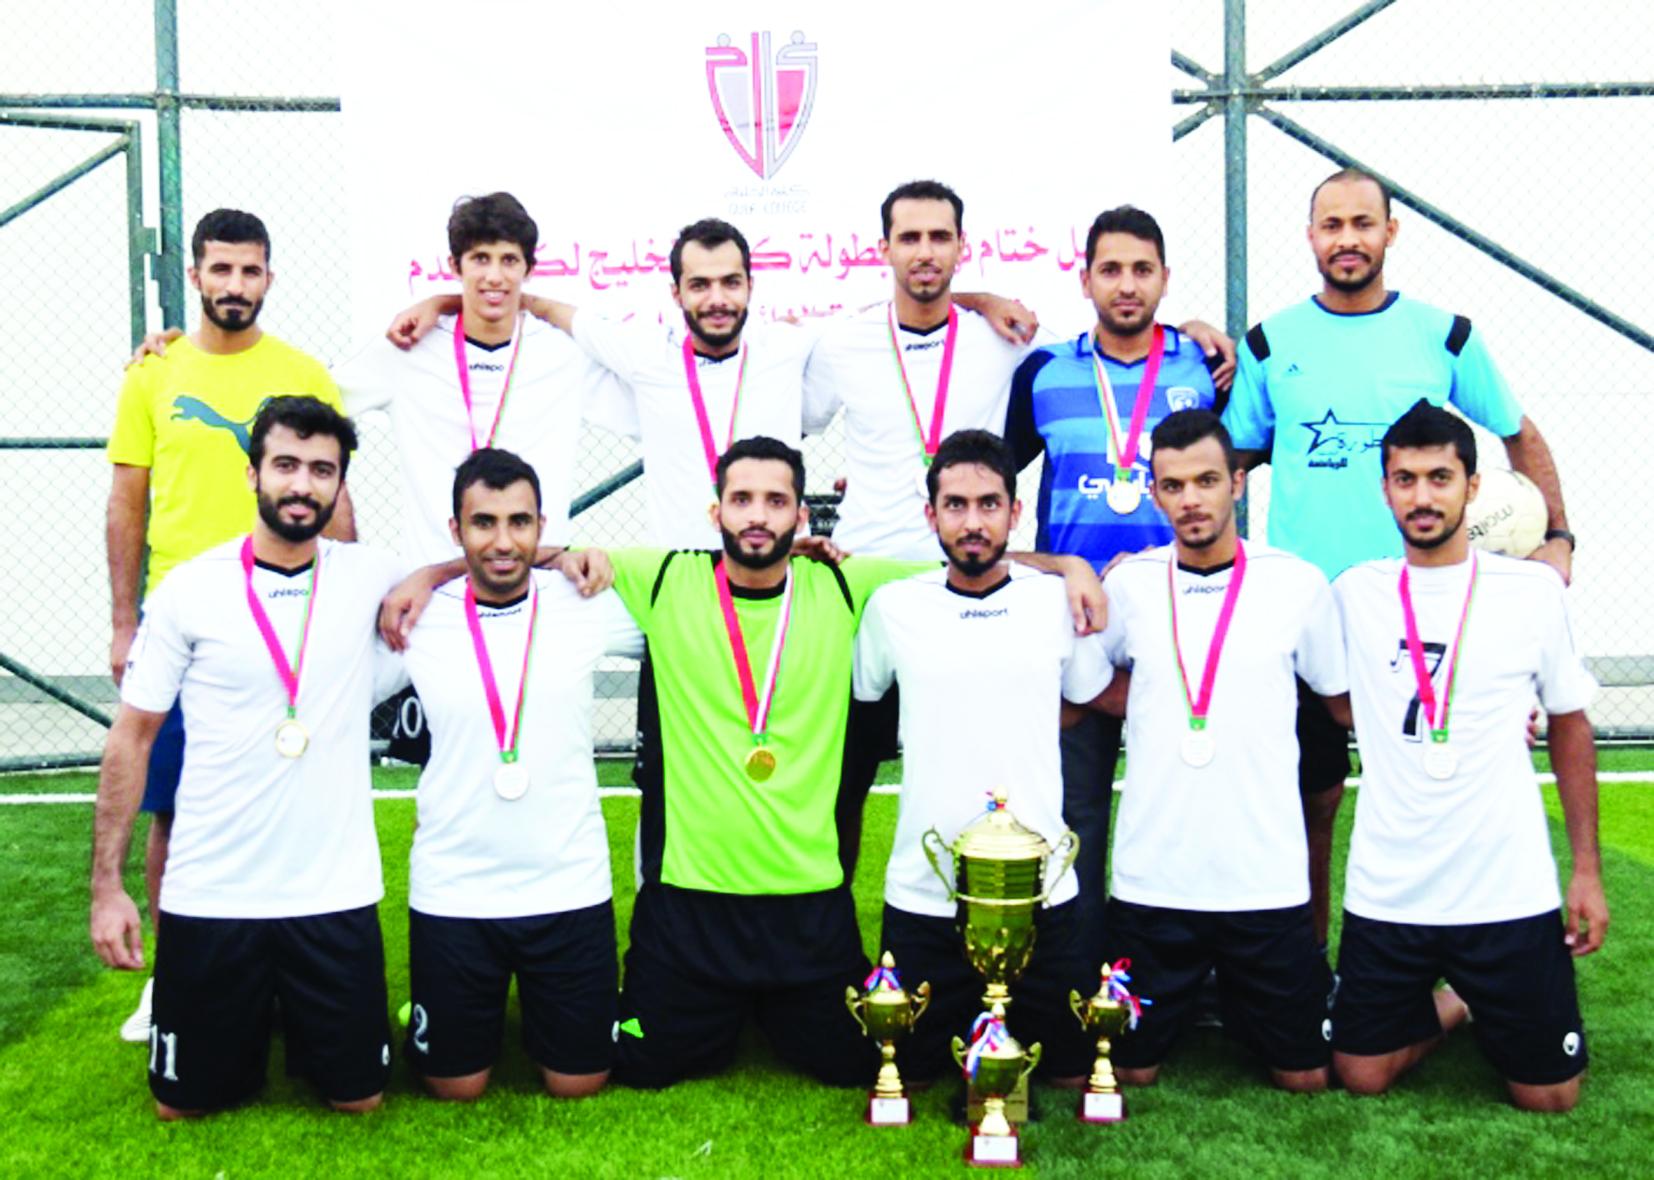 فريق المحترفين بطلا لكأس كلية الخليج لخماسيات كرة القدم